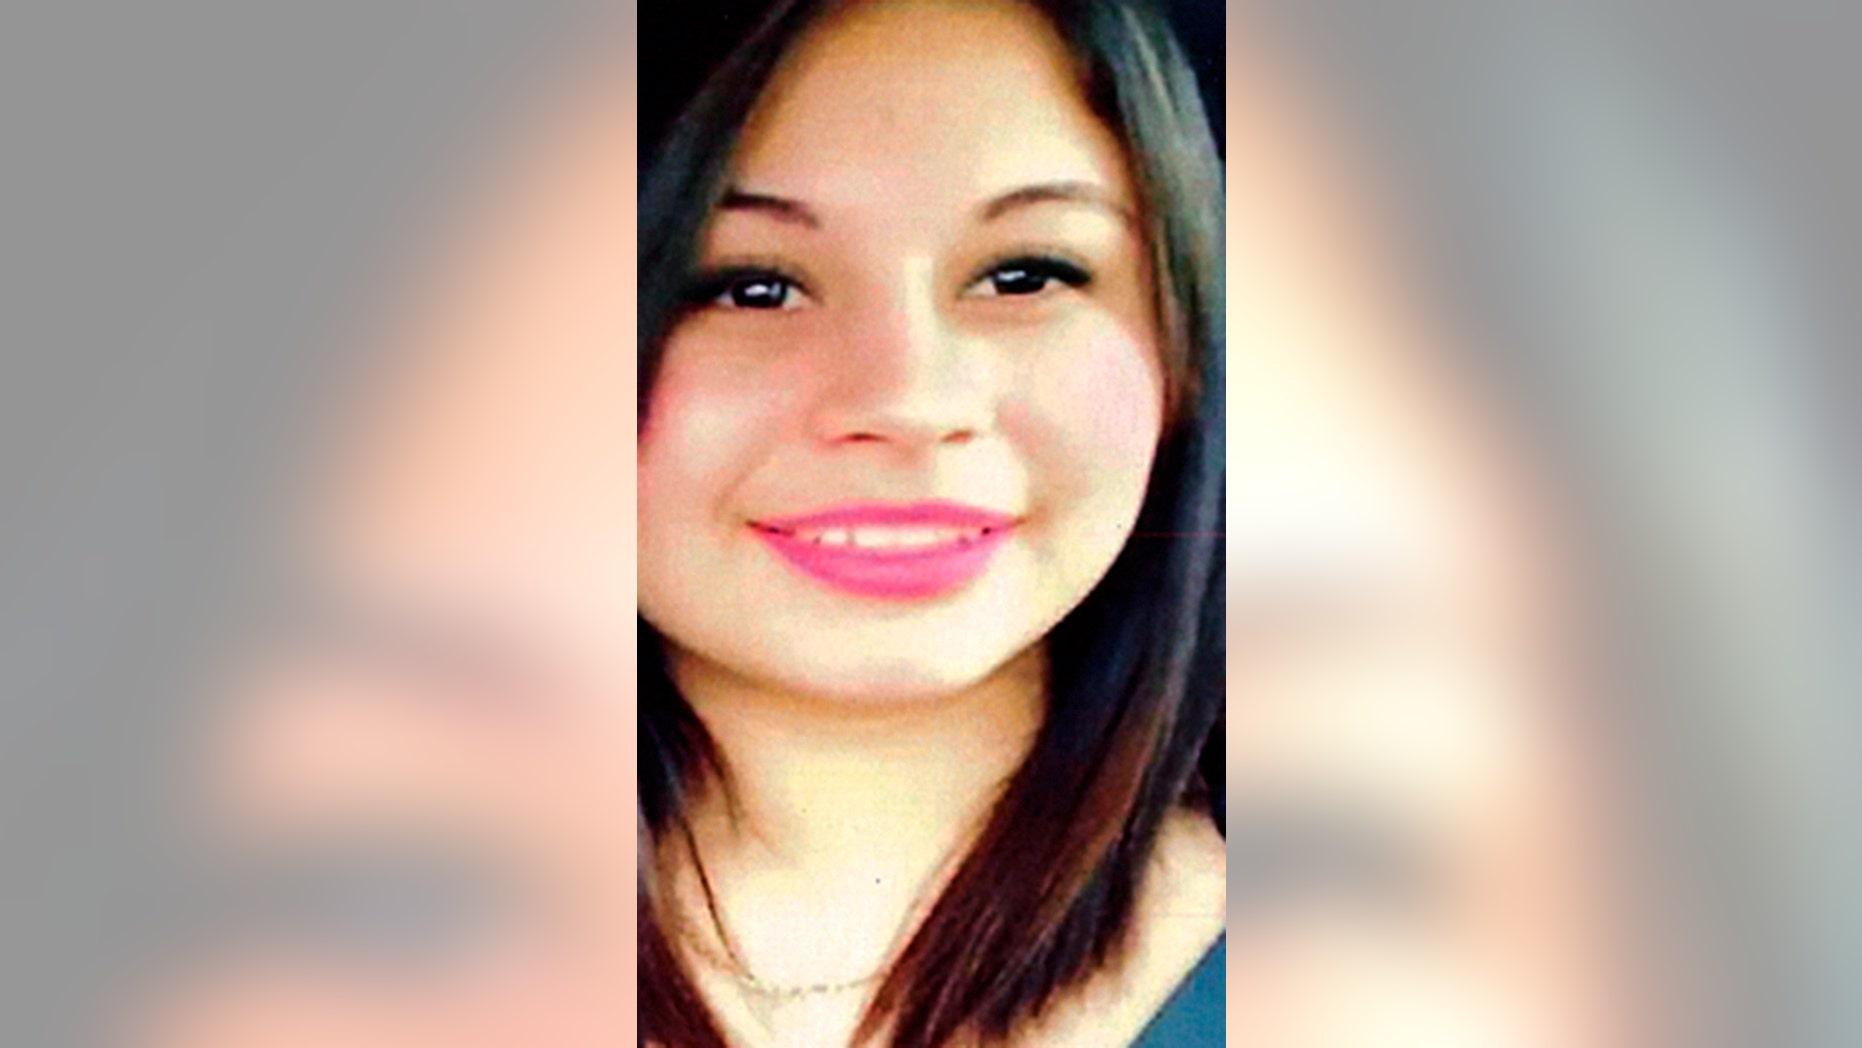 MS-13 gang member filmed, narrated teen's killing, FBI agent